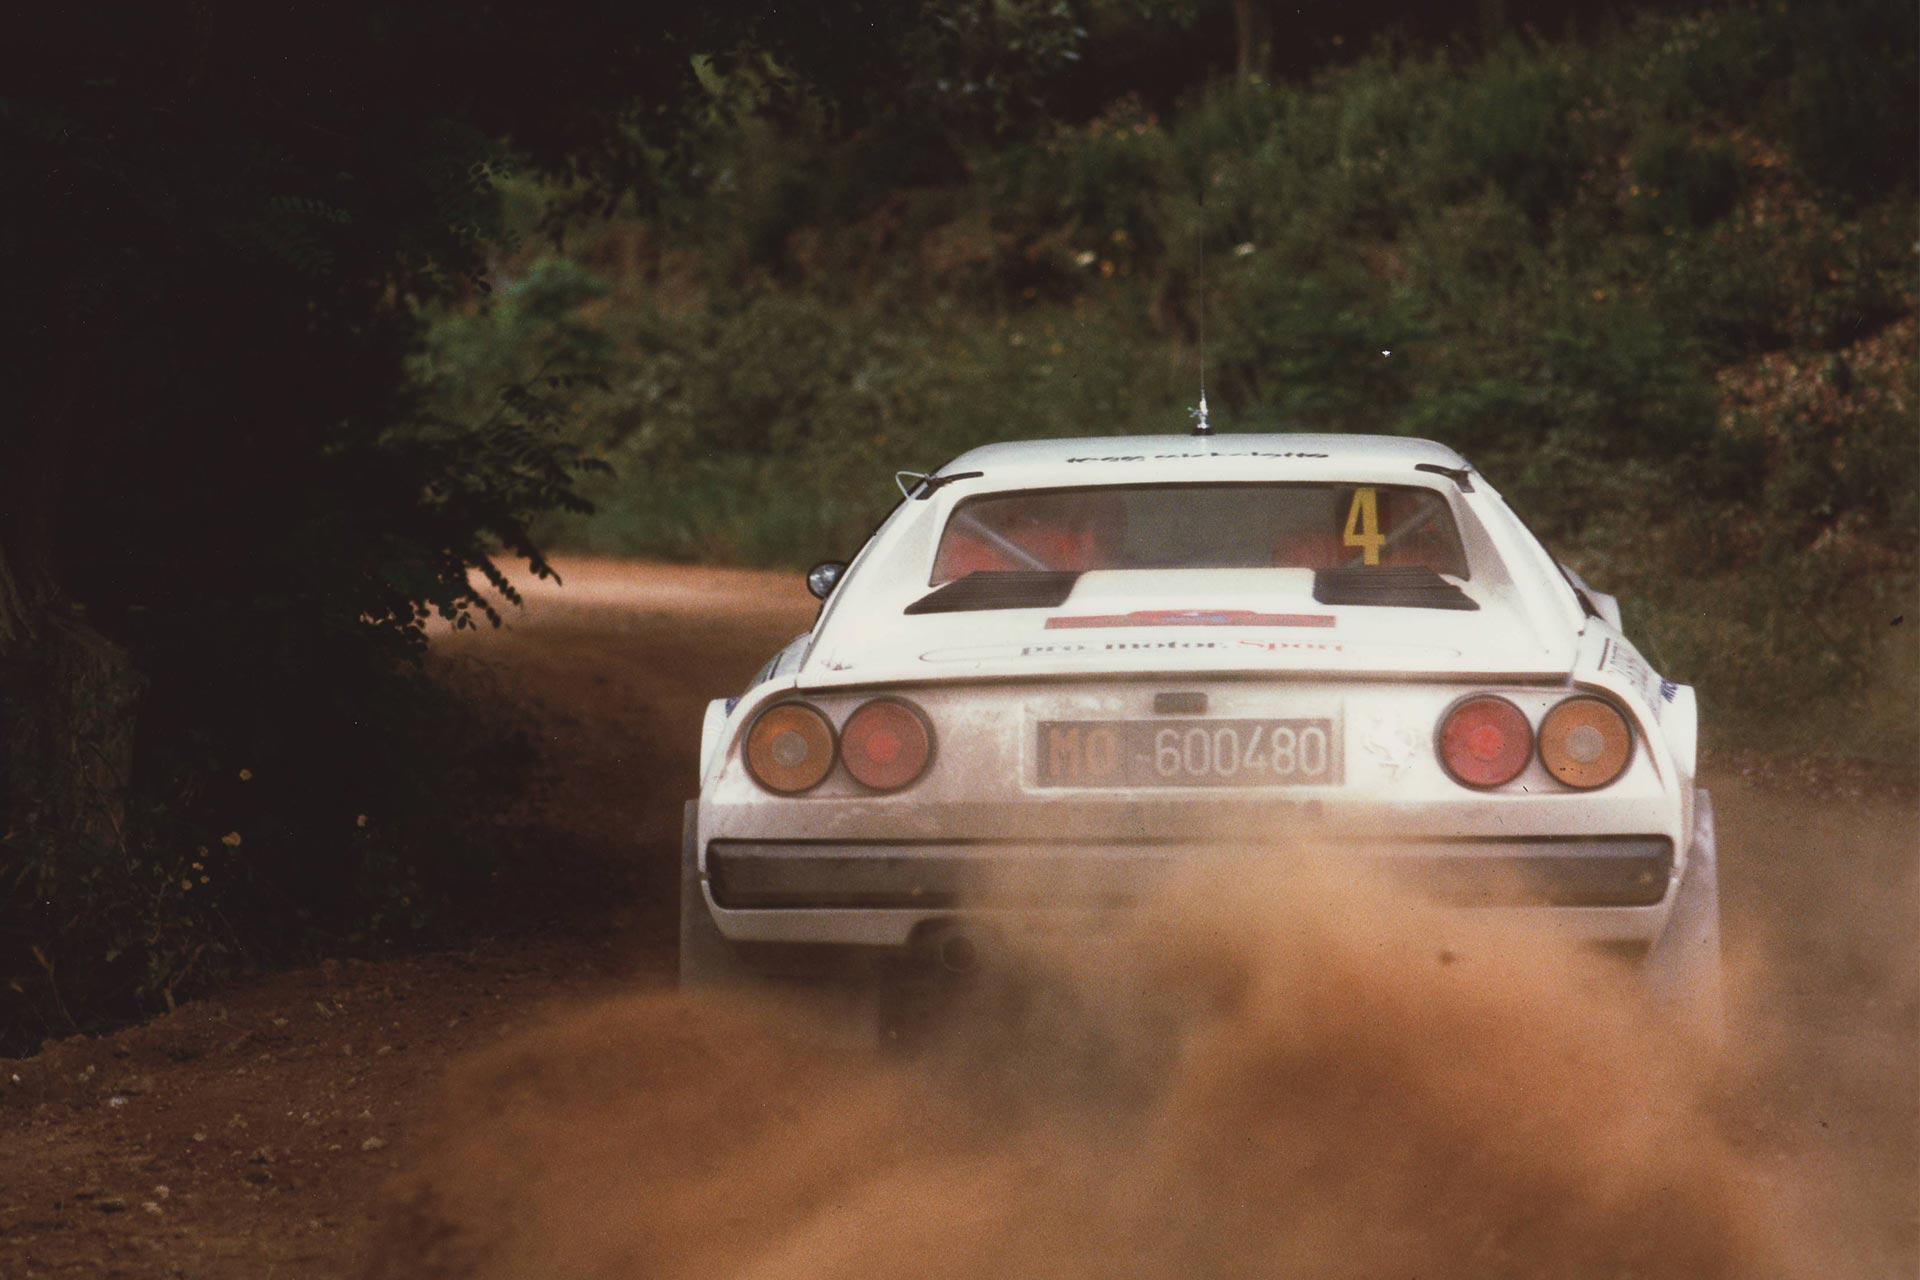 Ferrari-308-GTB-Michelotto-Group-B-for-sale-23